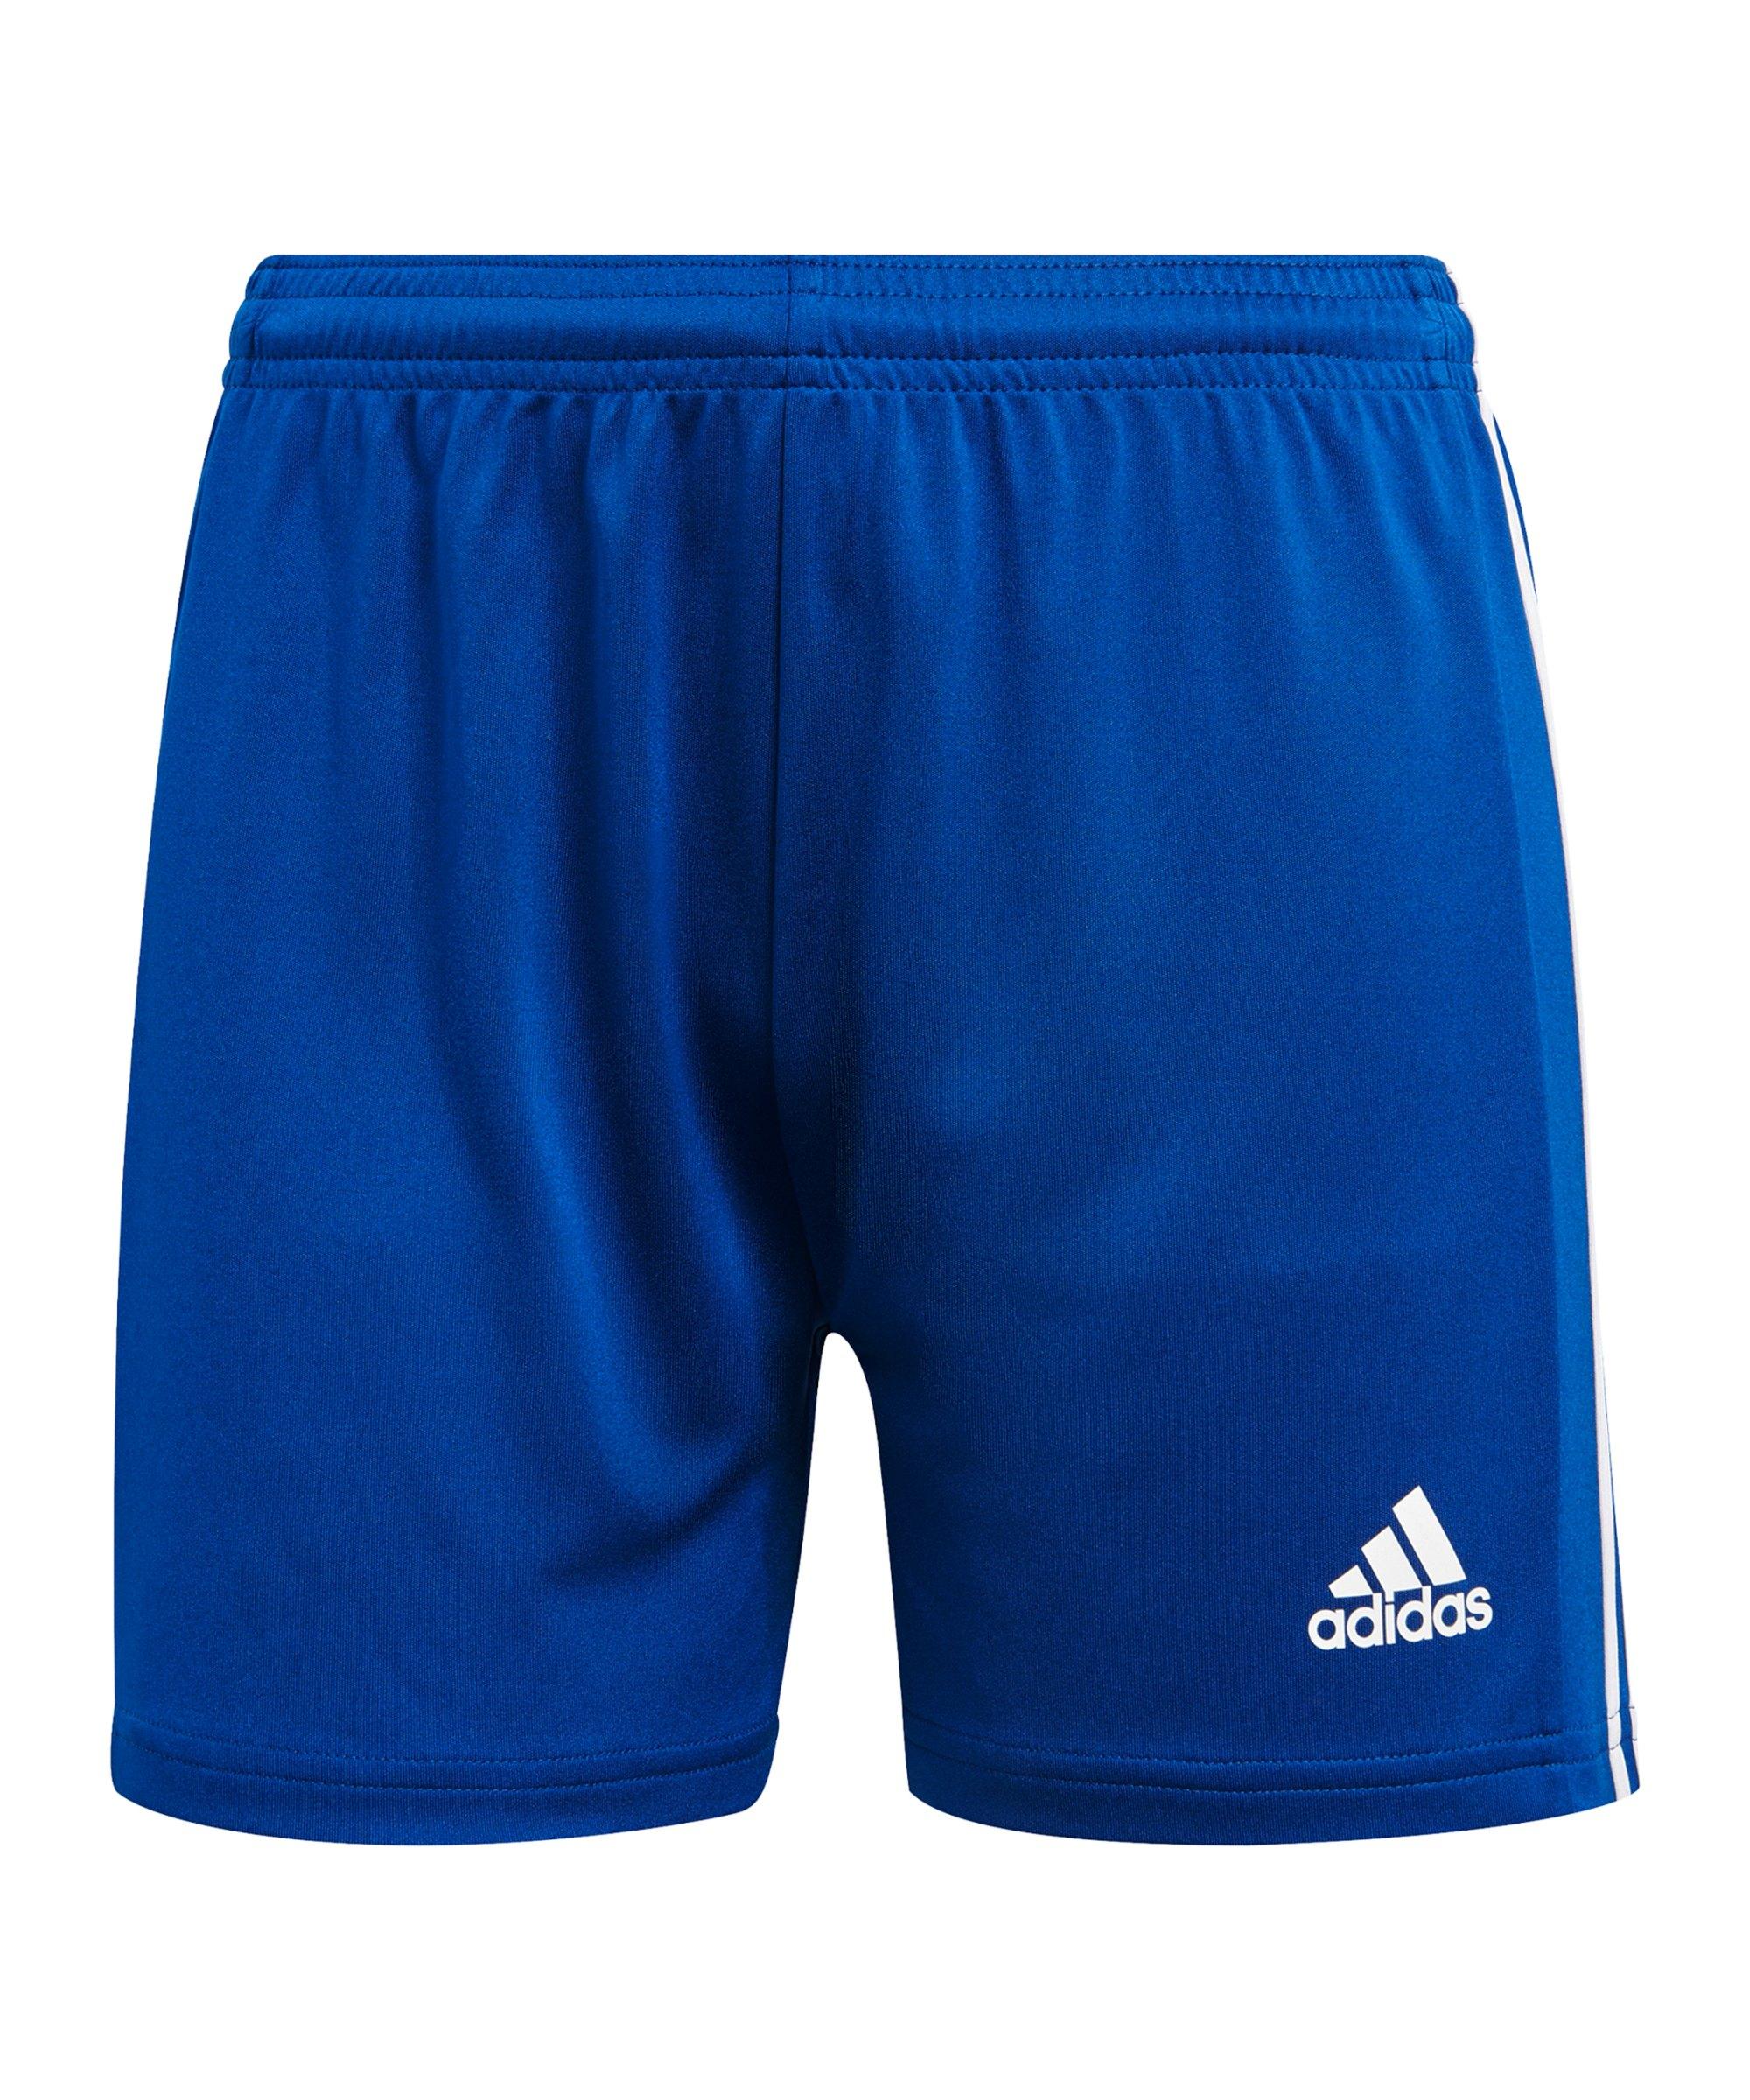 adidas Squadra 21 Short Damen Dunkelblau Weiss - blau